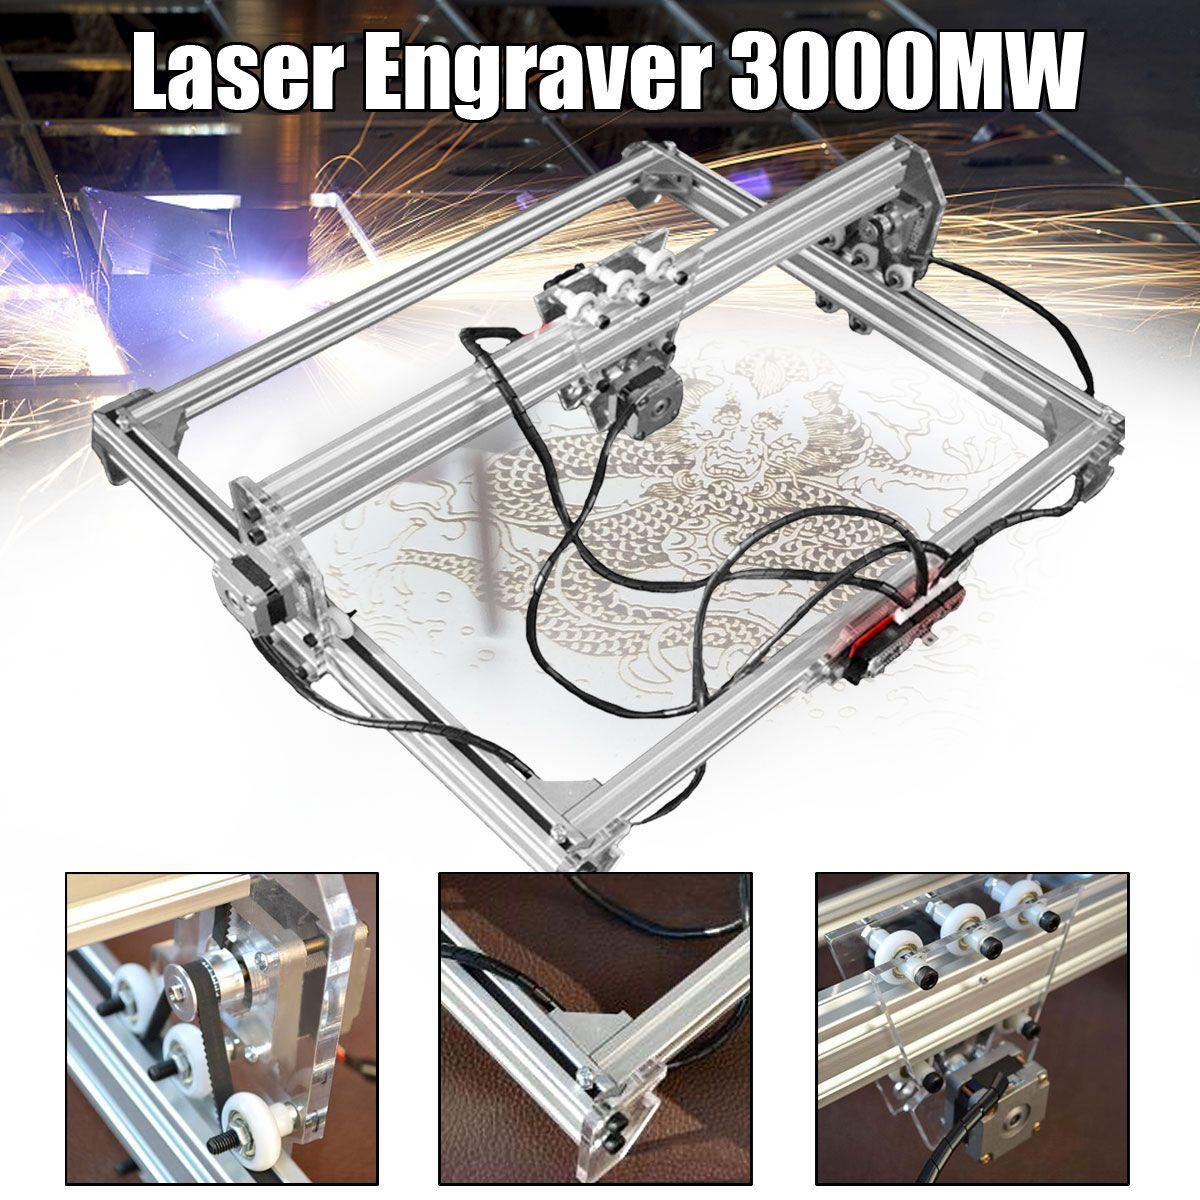 50*65cm 3000MW Mini Blue Laser Engraving Engraver Machine DC 12V DIY Desktop CNC Wood Cutter/Printer/Power Adjust+ Laser Goggles